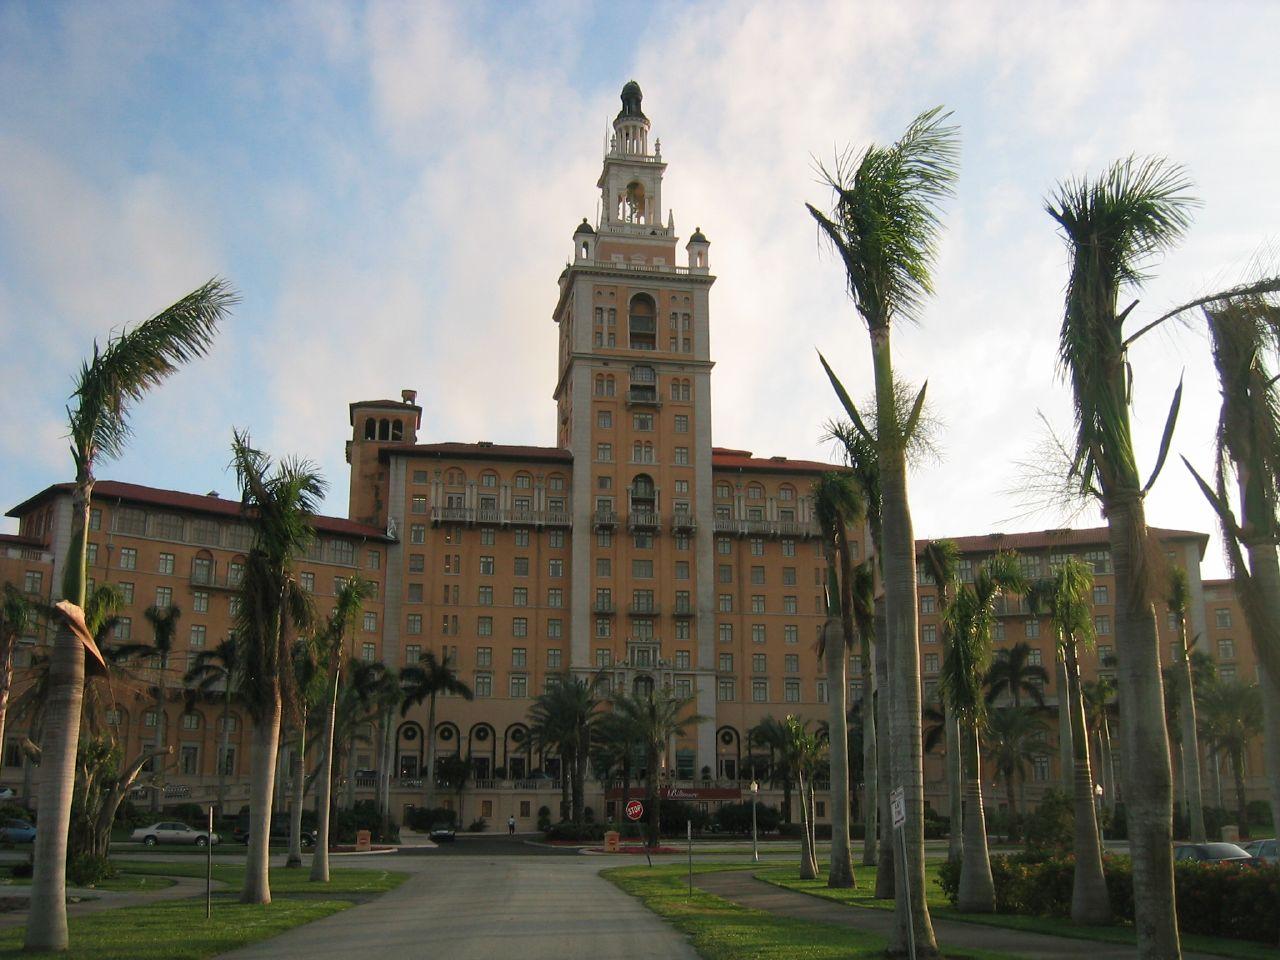 hotel dos estrella miami: